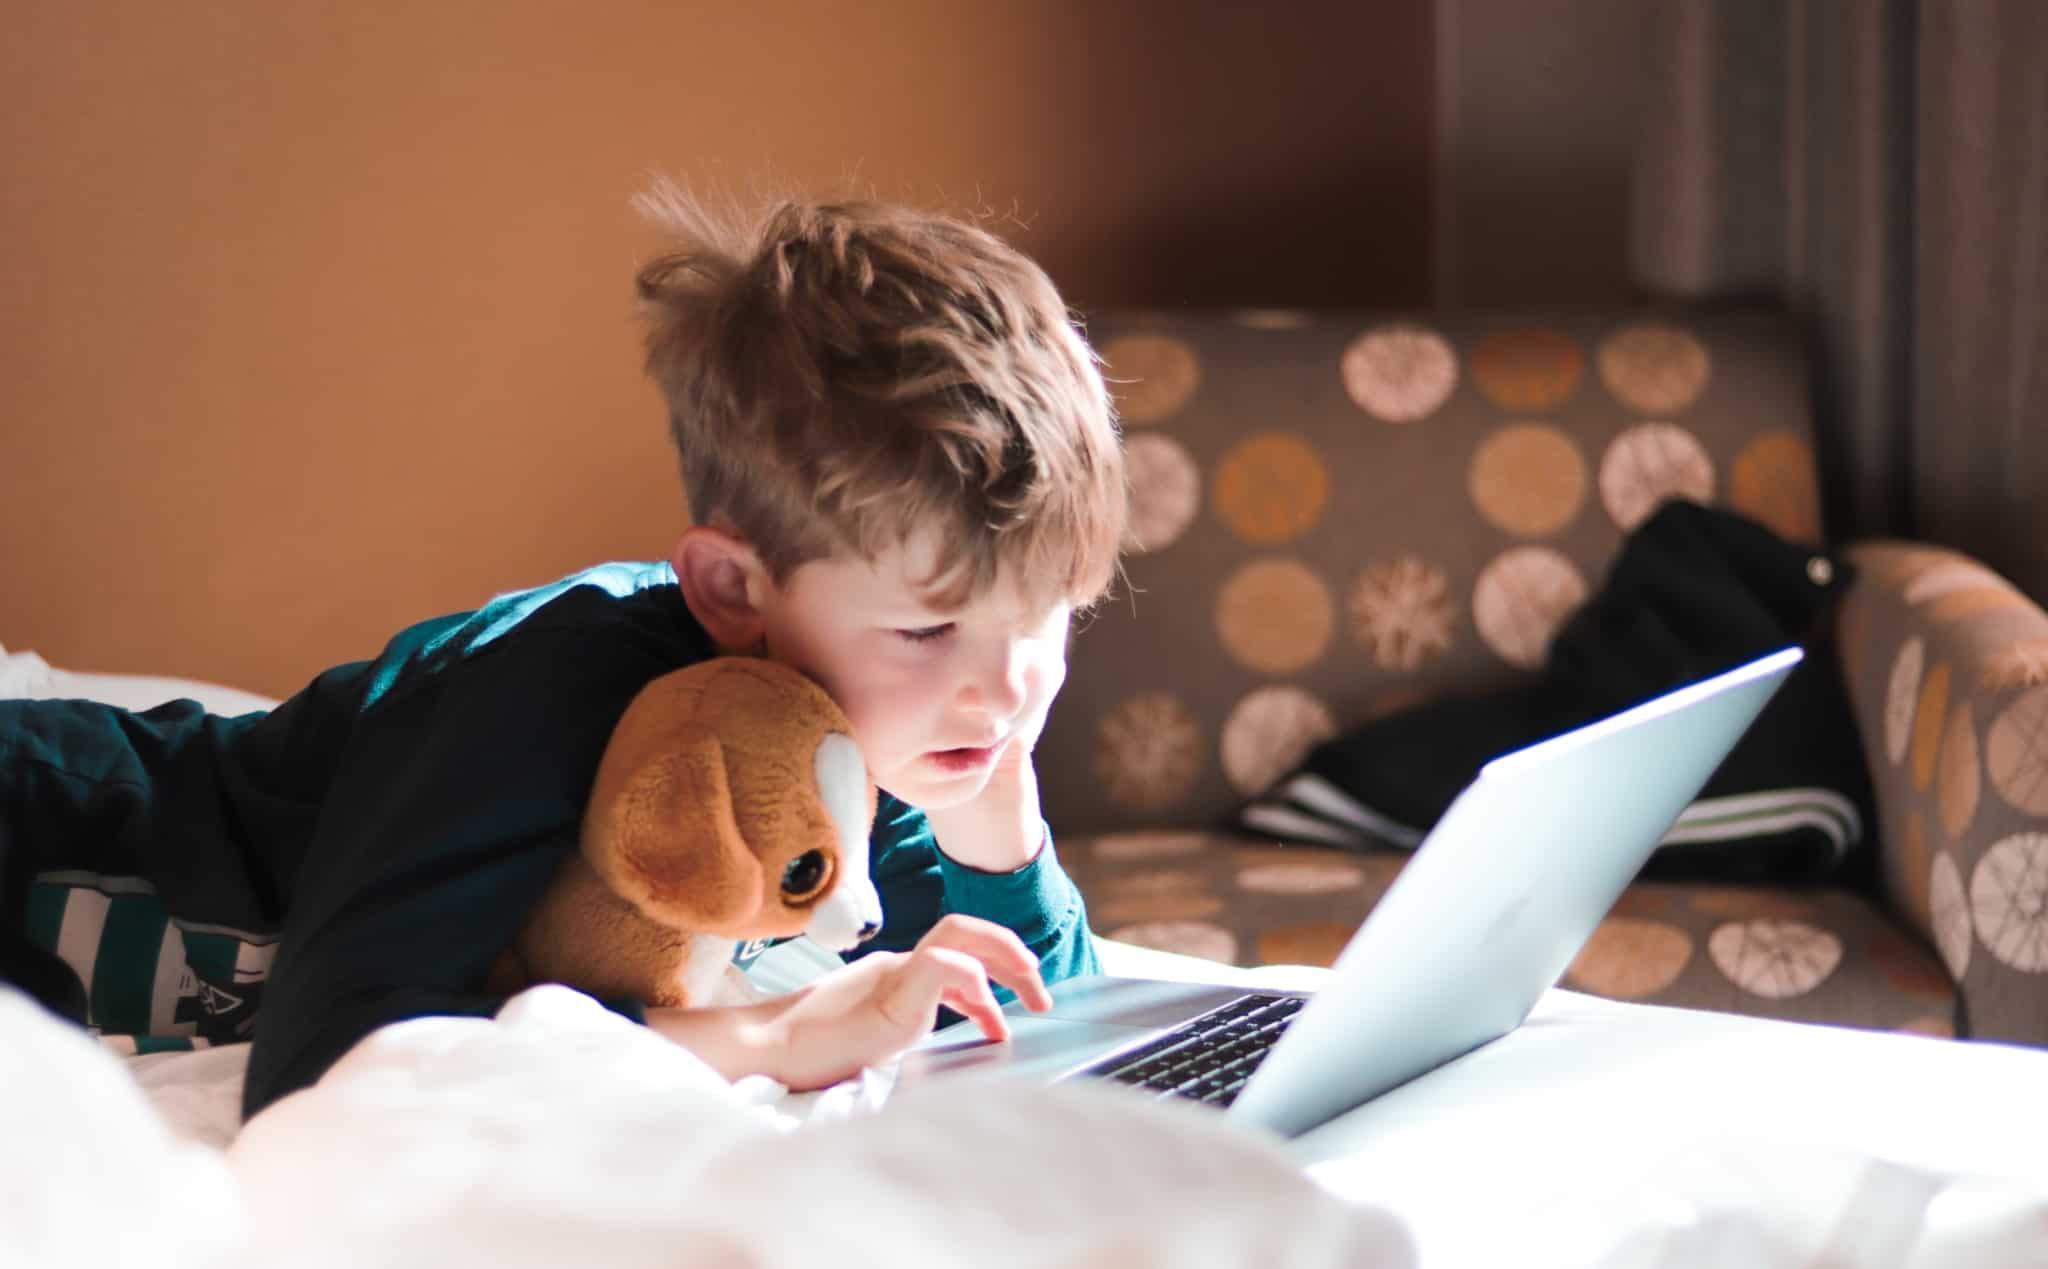 criança deitada na cama a mexer no portátil